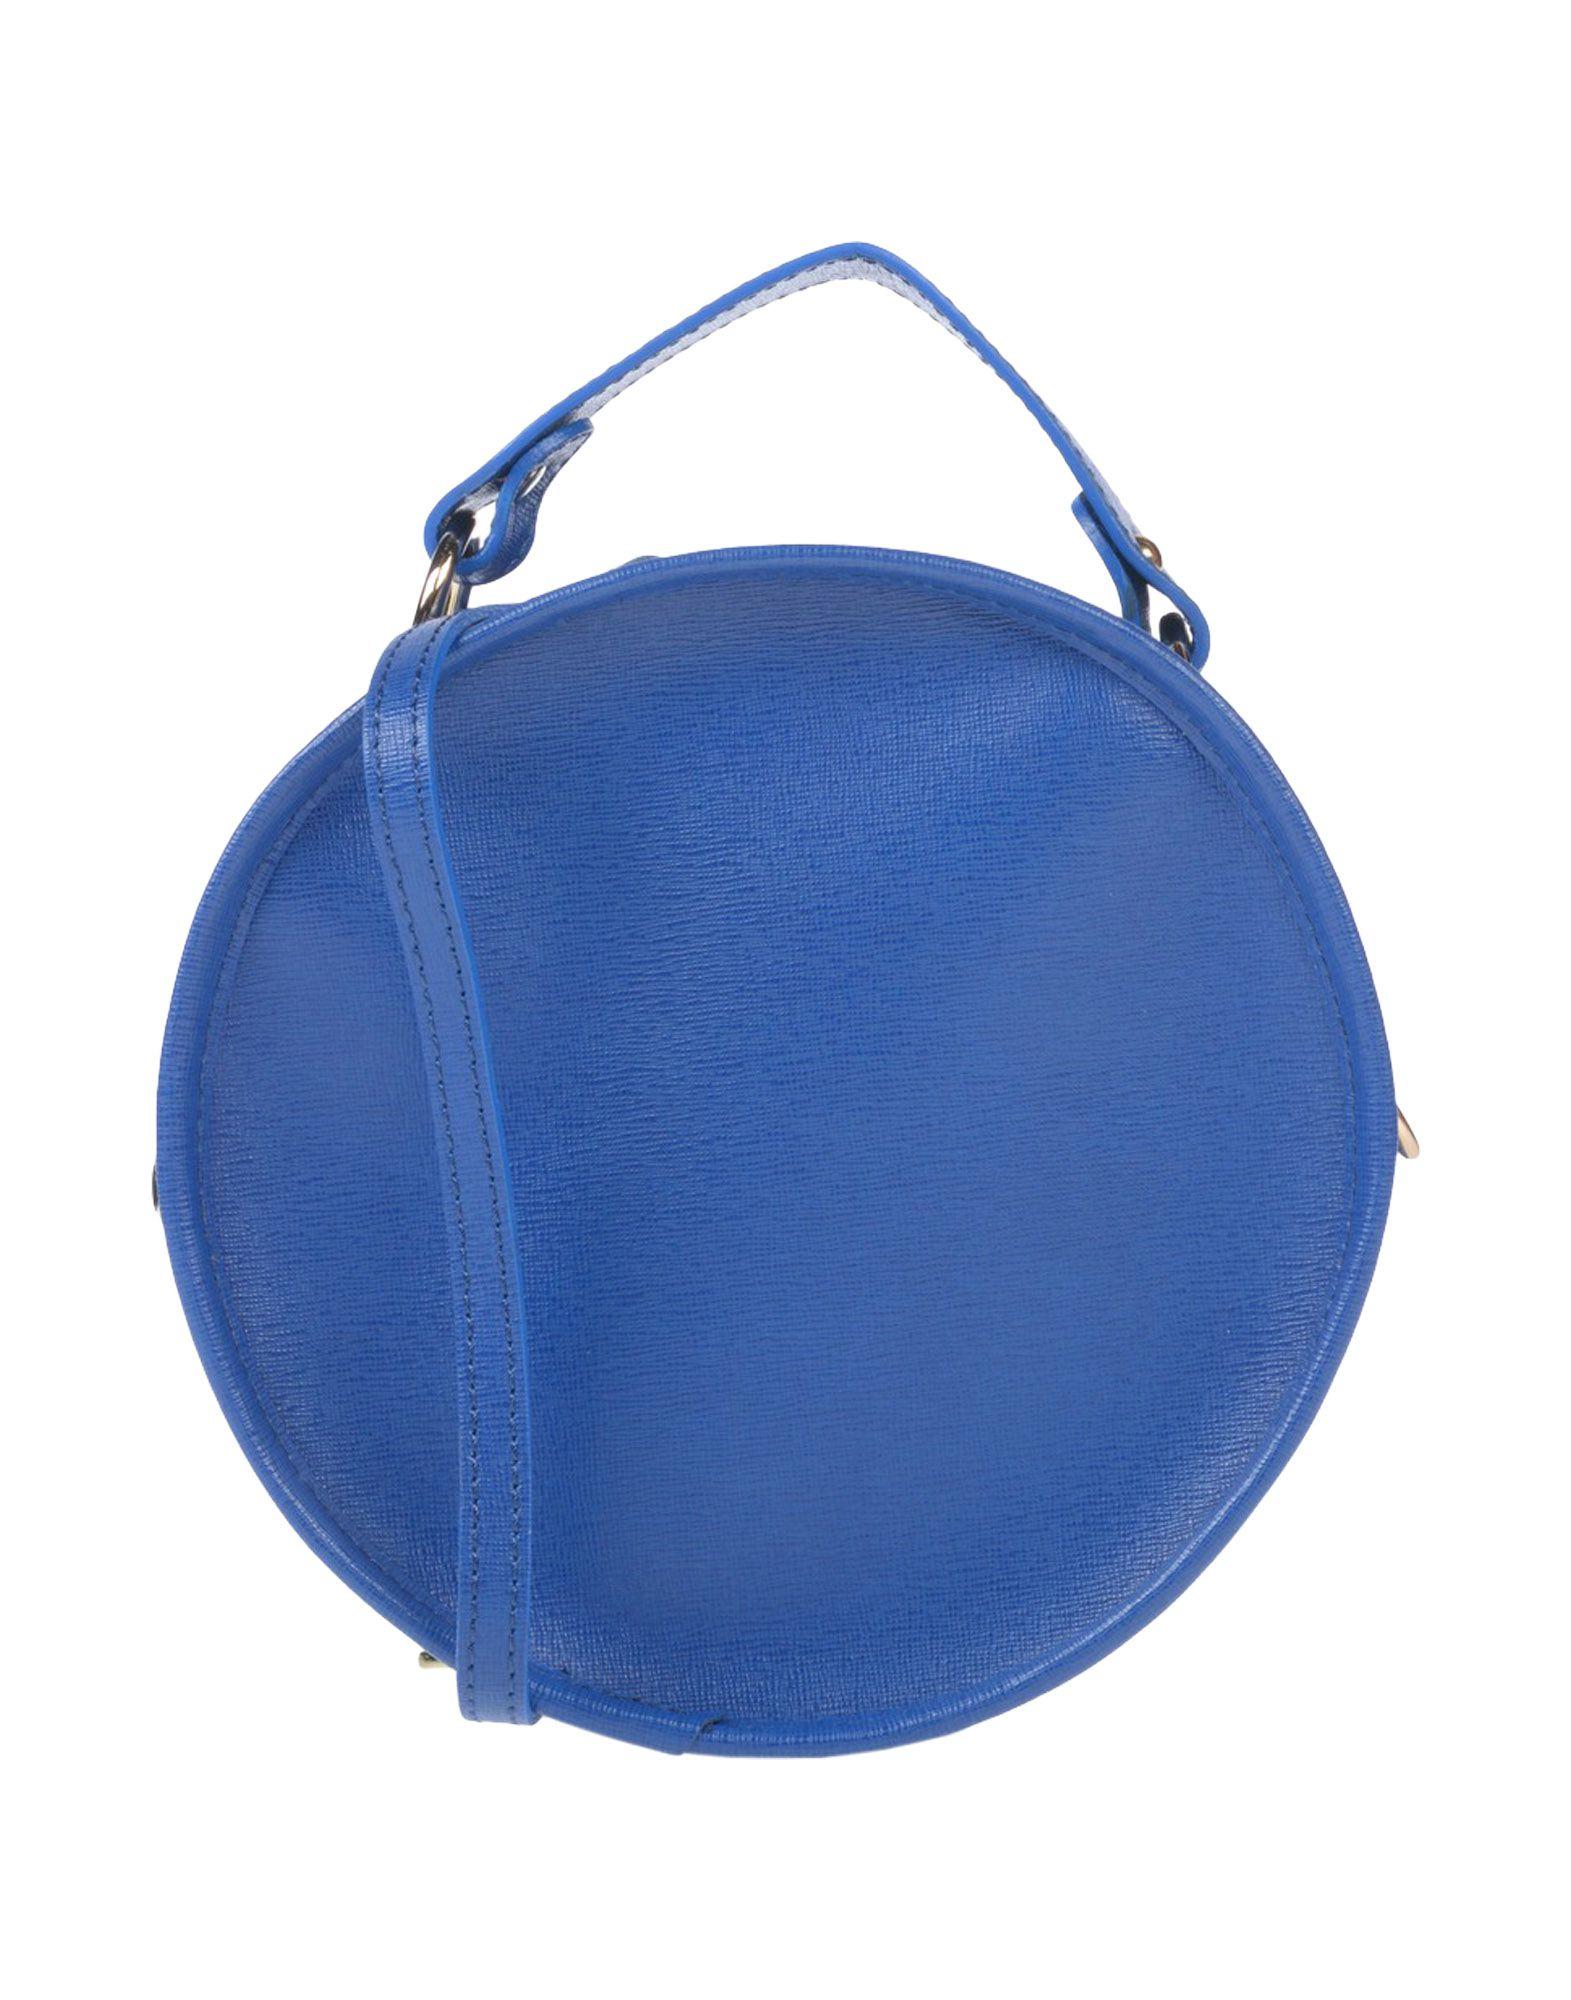 《送料無料》STUDIO MODA レディース ハンドバッグ ブルー 革